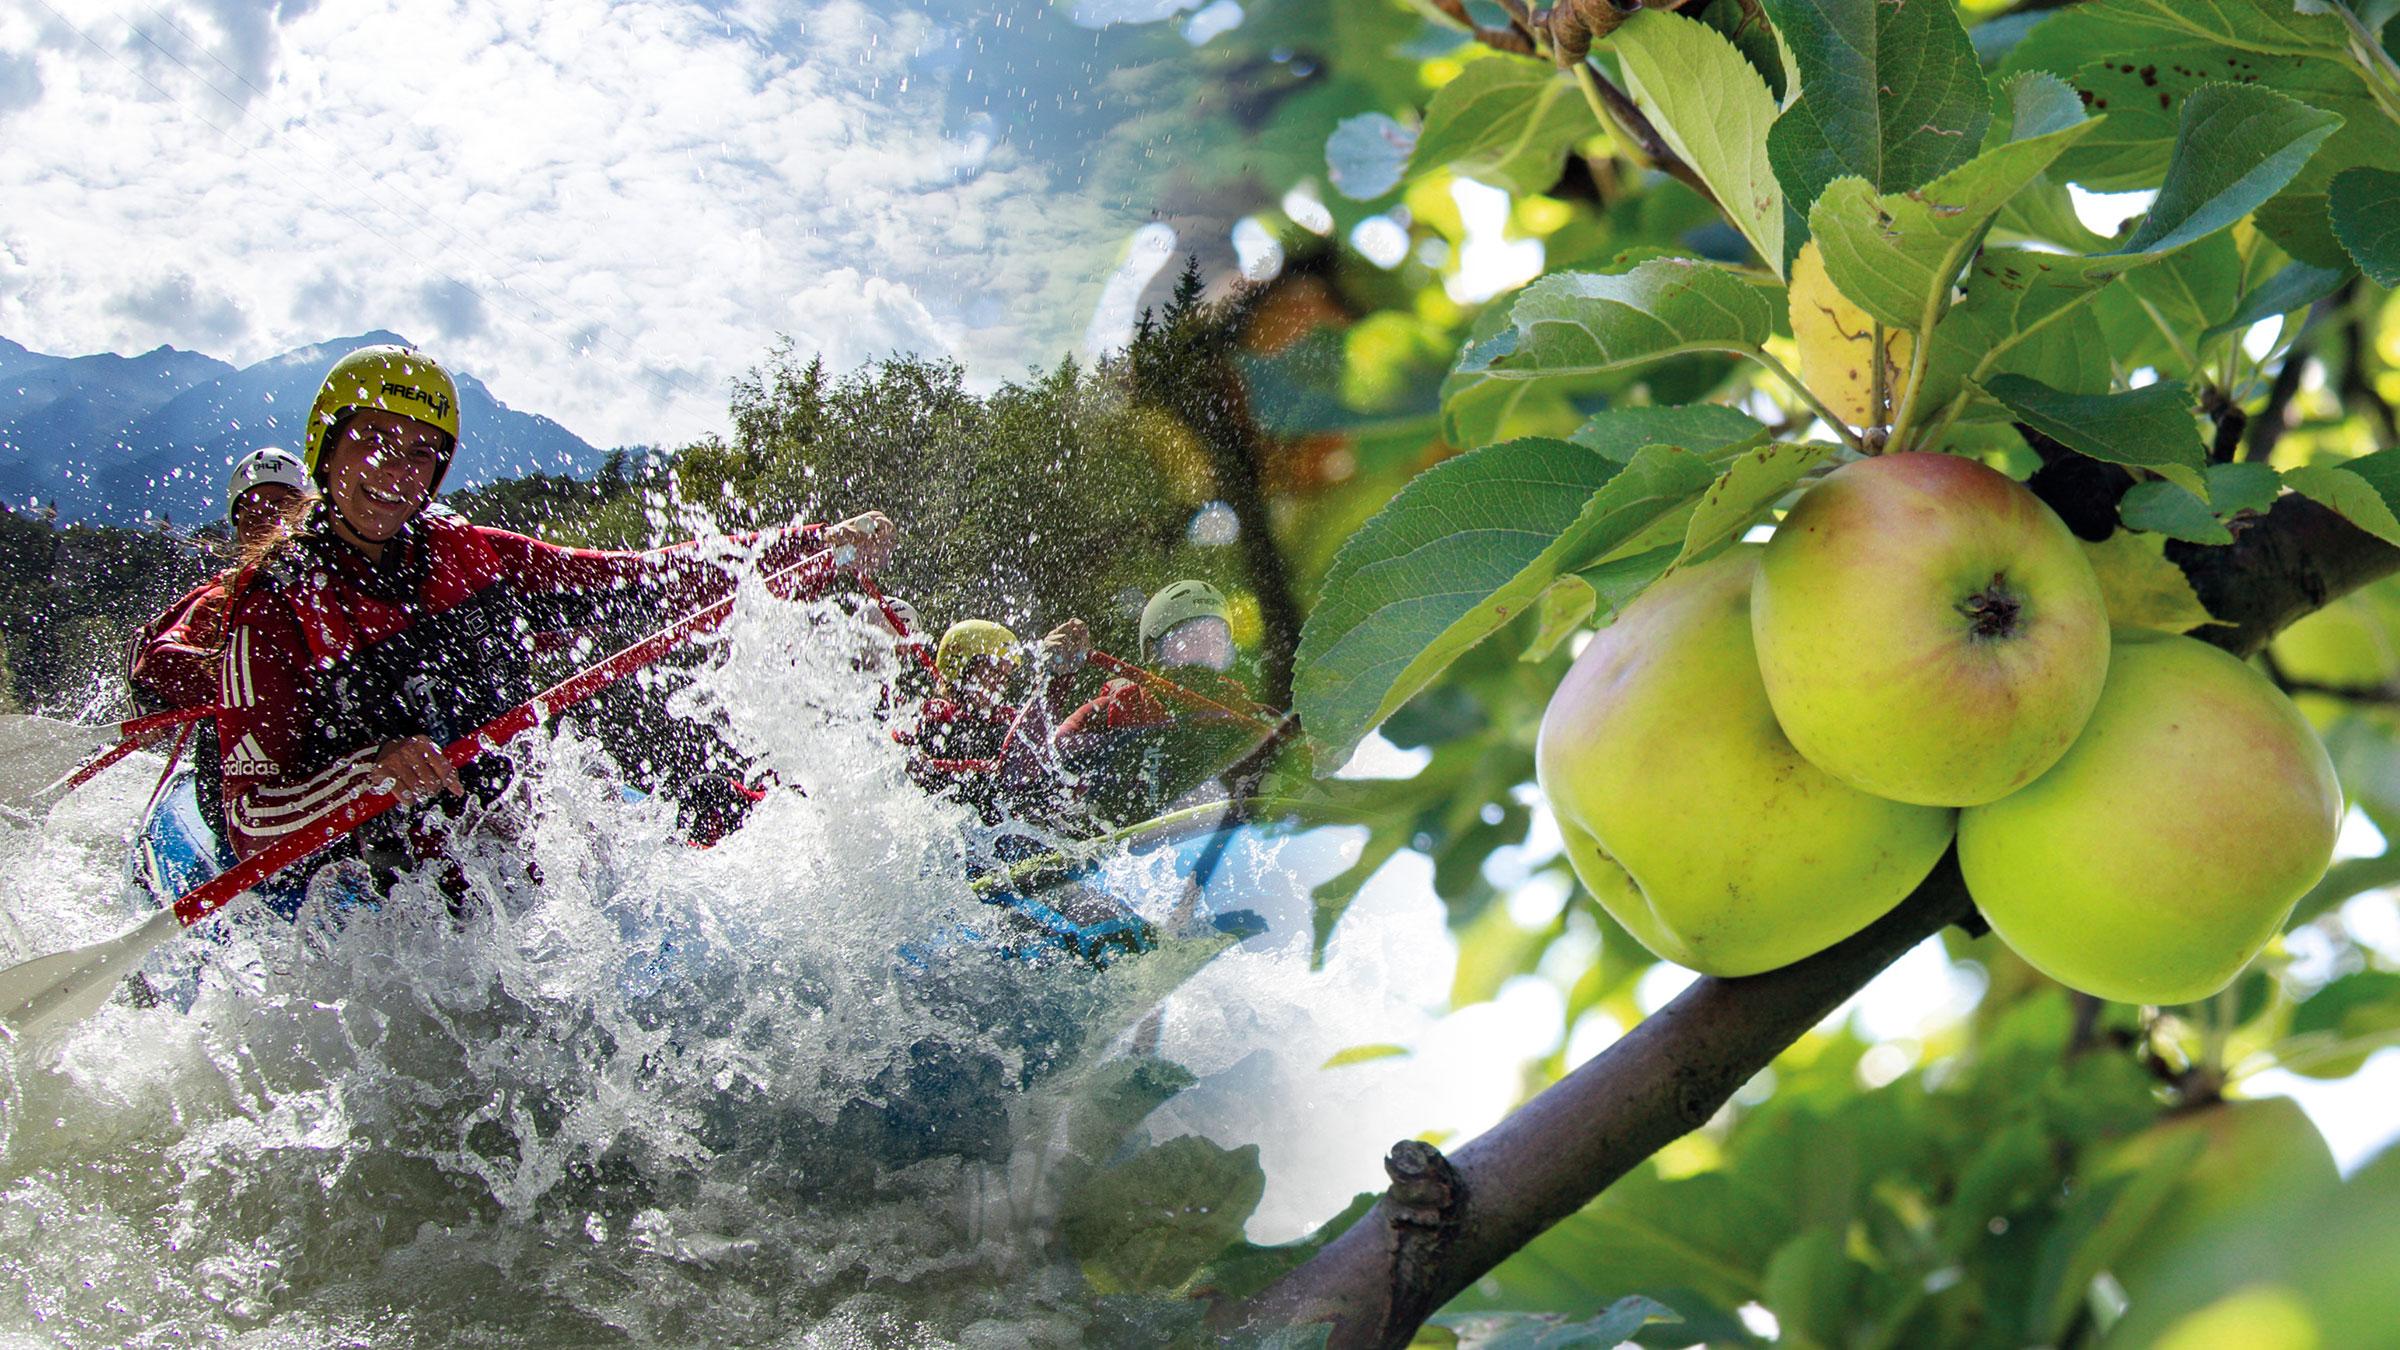 Knackig-frisch: AREA 47 und Obstlager Haiming finden gemeinsamen Nenner